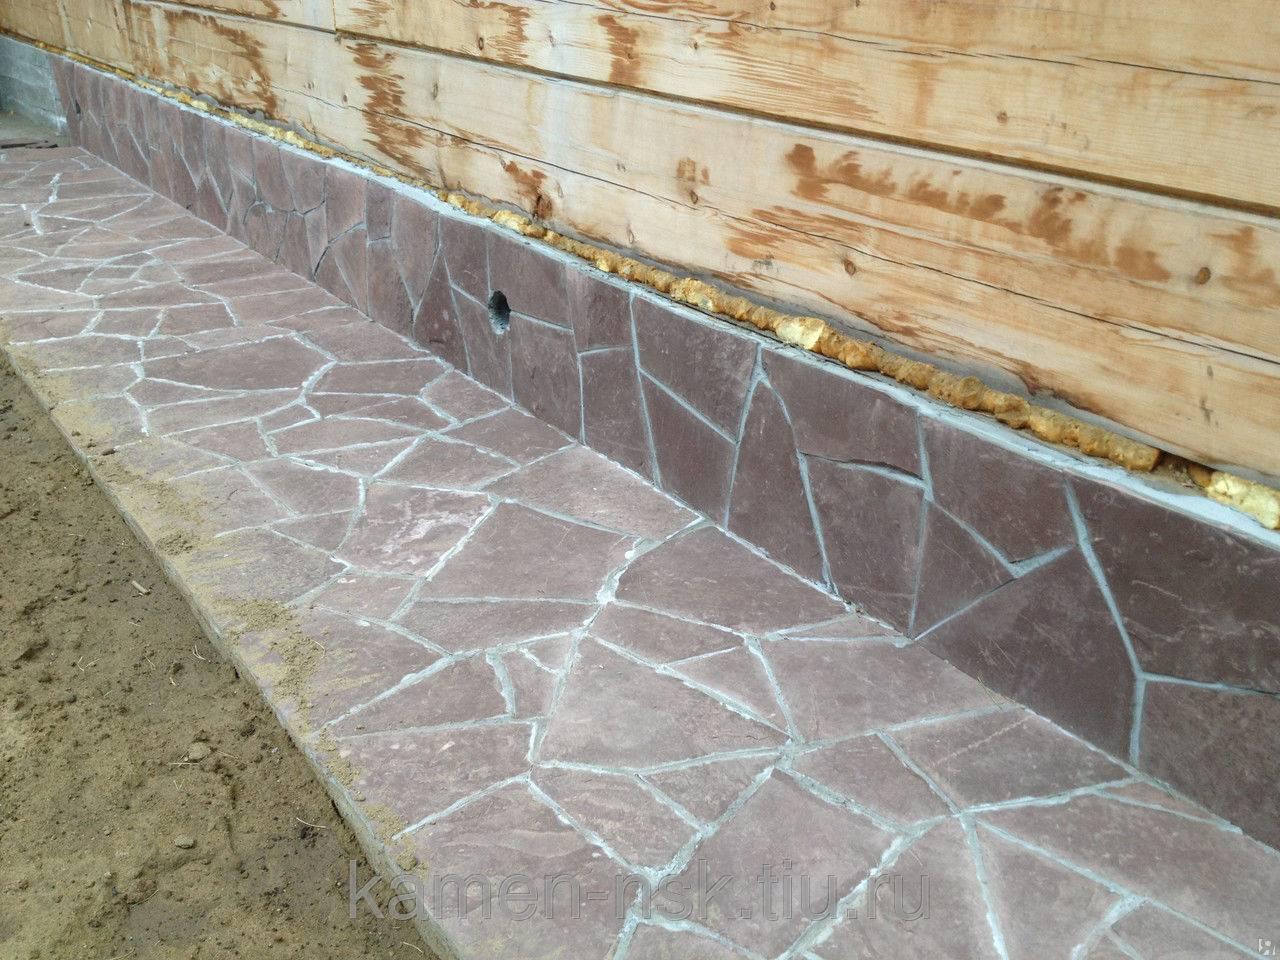 Как сделать облицовку вокруг цоколя частного дома под камень своими руками из цемента и других материалов?